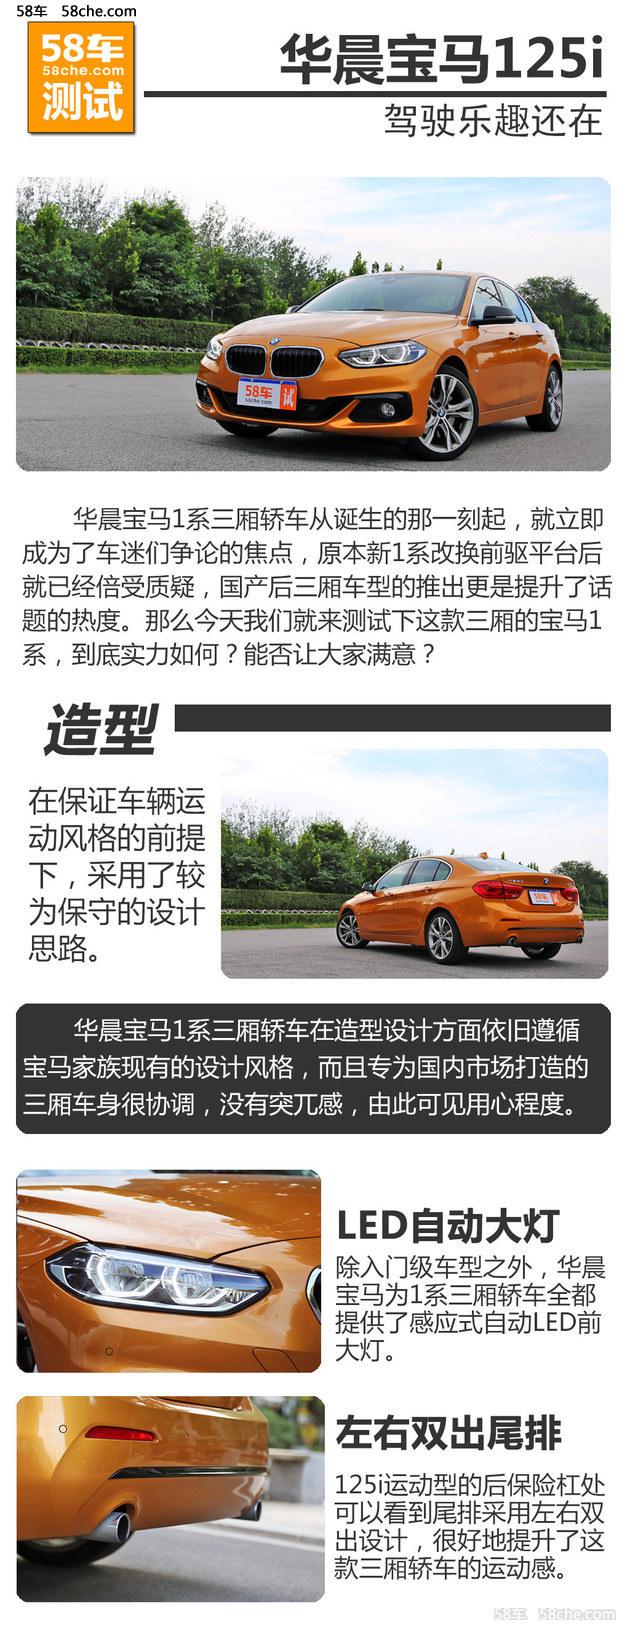 华晨宝马125i运动型测试 驾驶乐趣还在